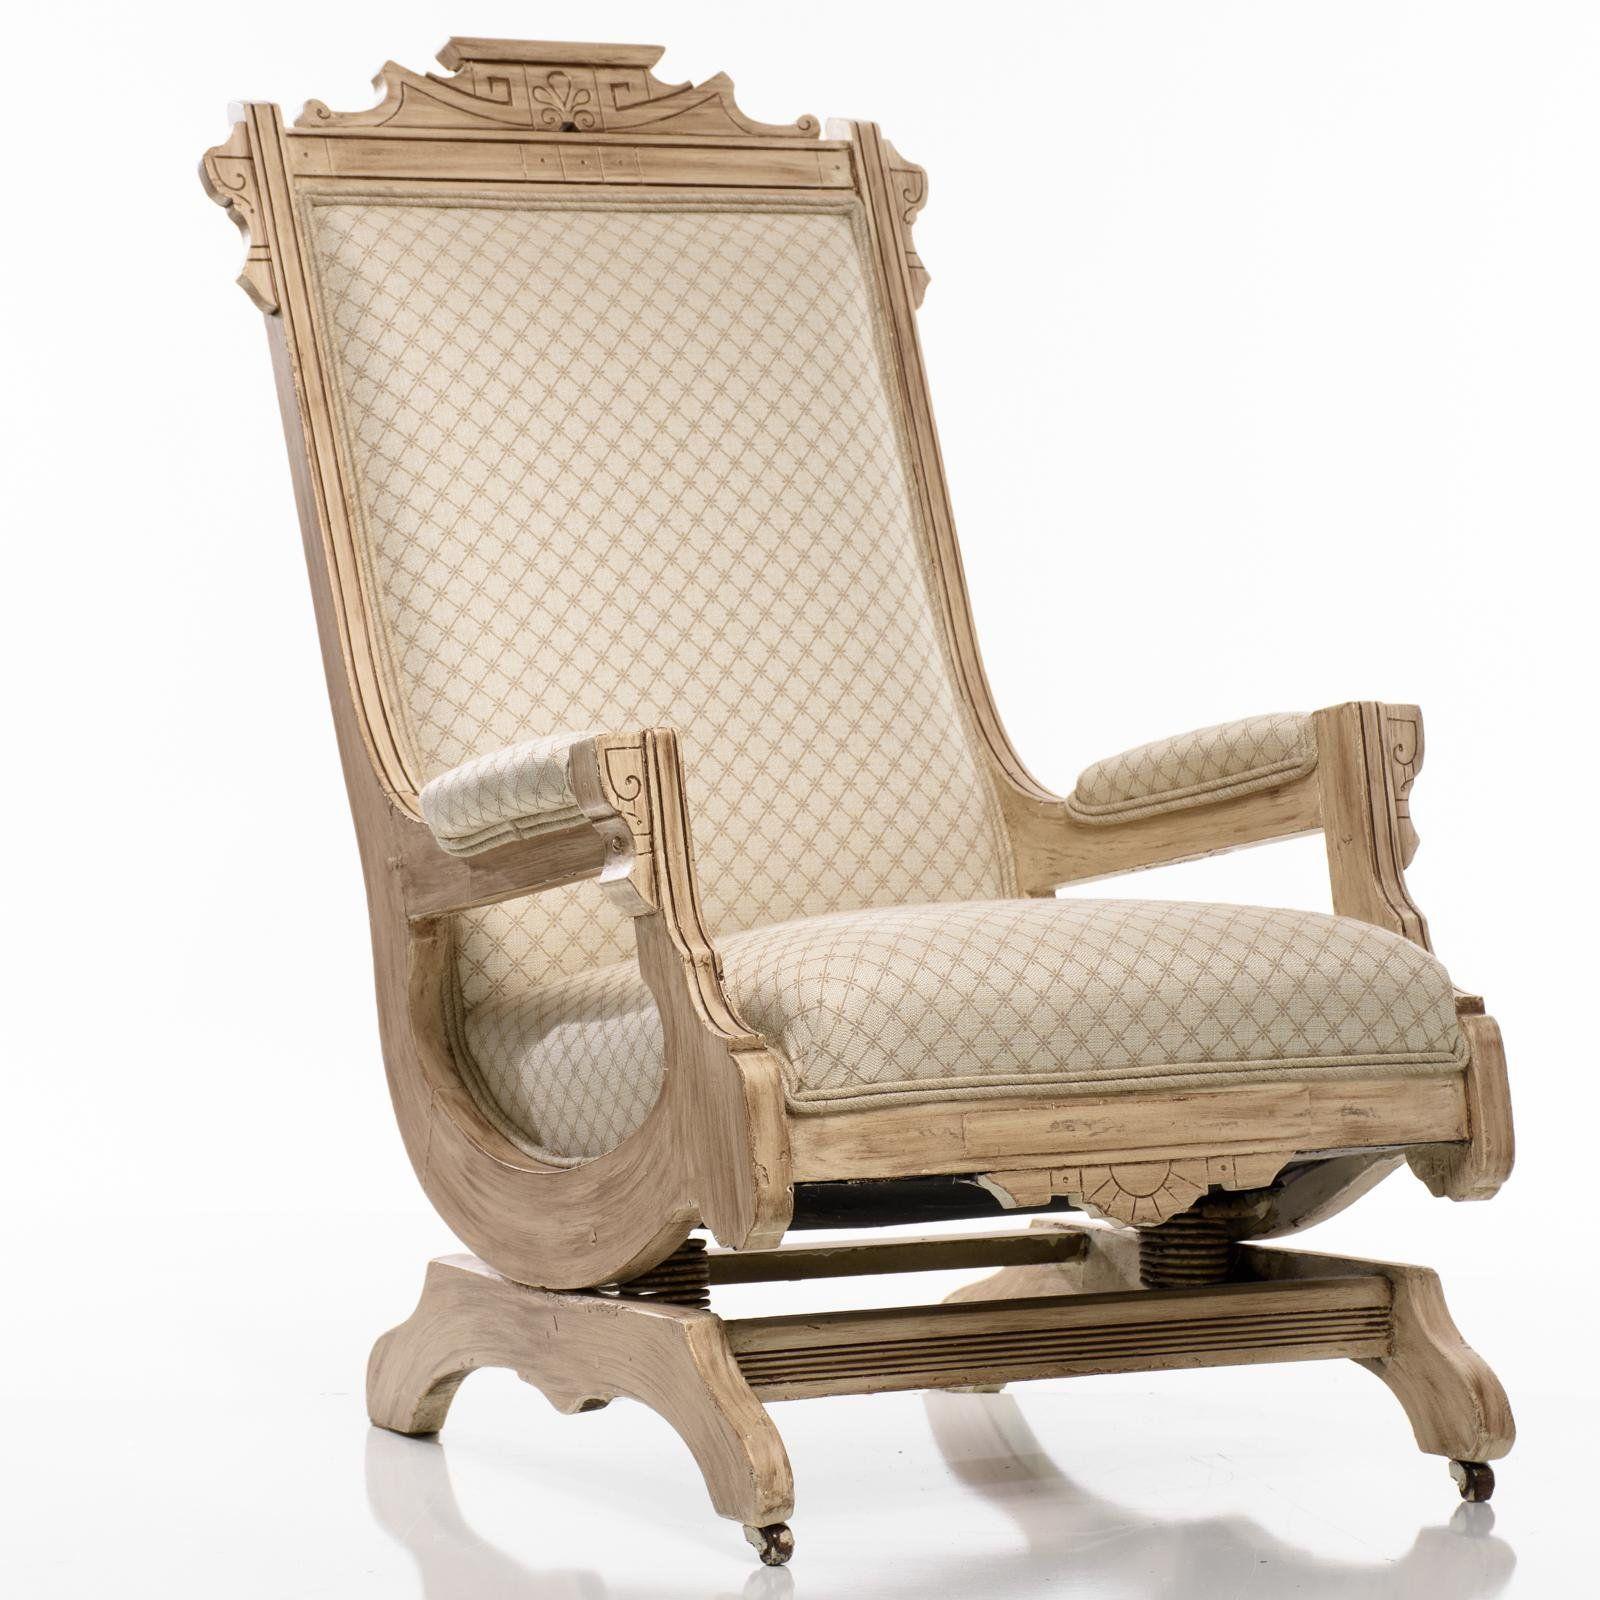 Antique Platform Rocking Chair Rocking Chair Makeover Rocking